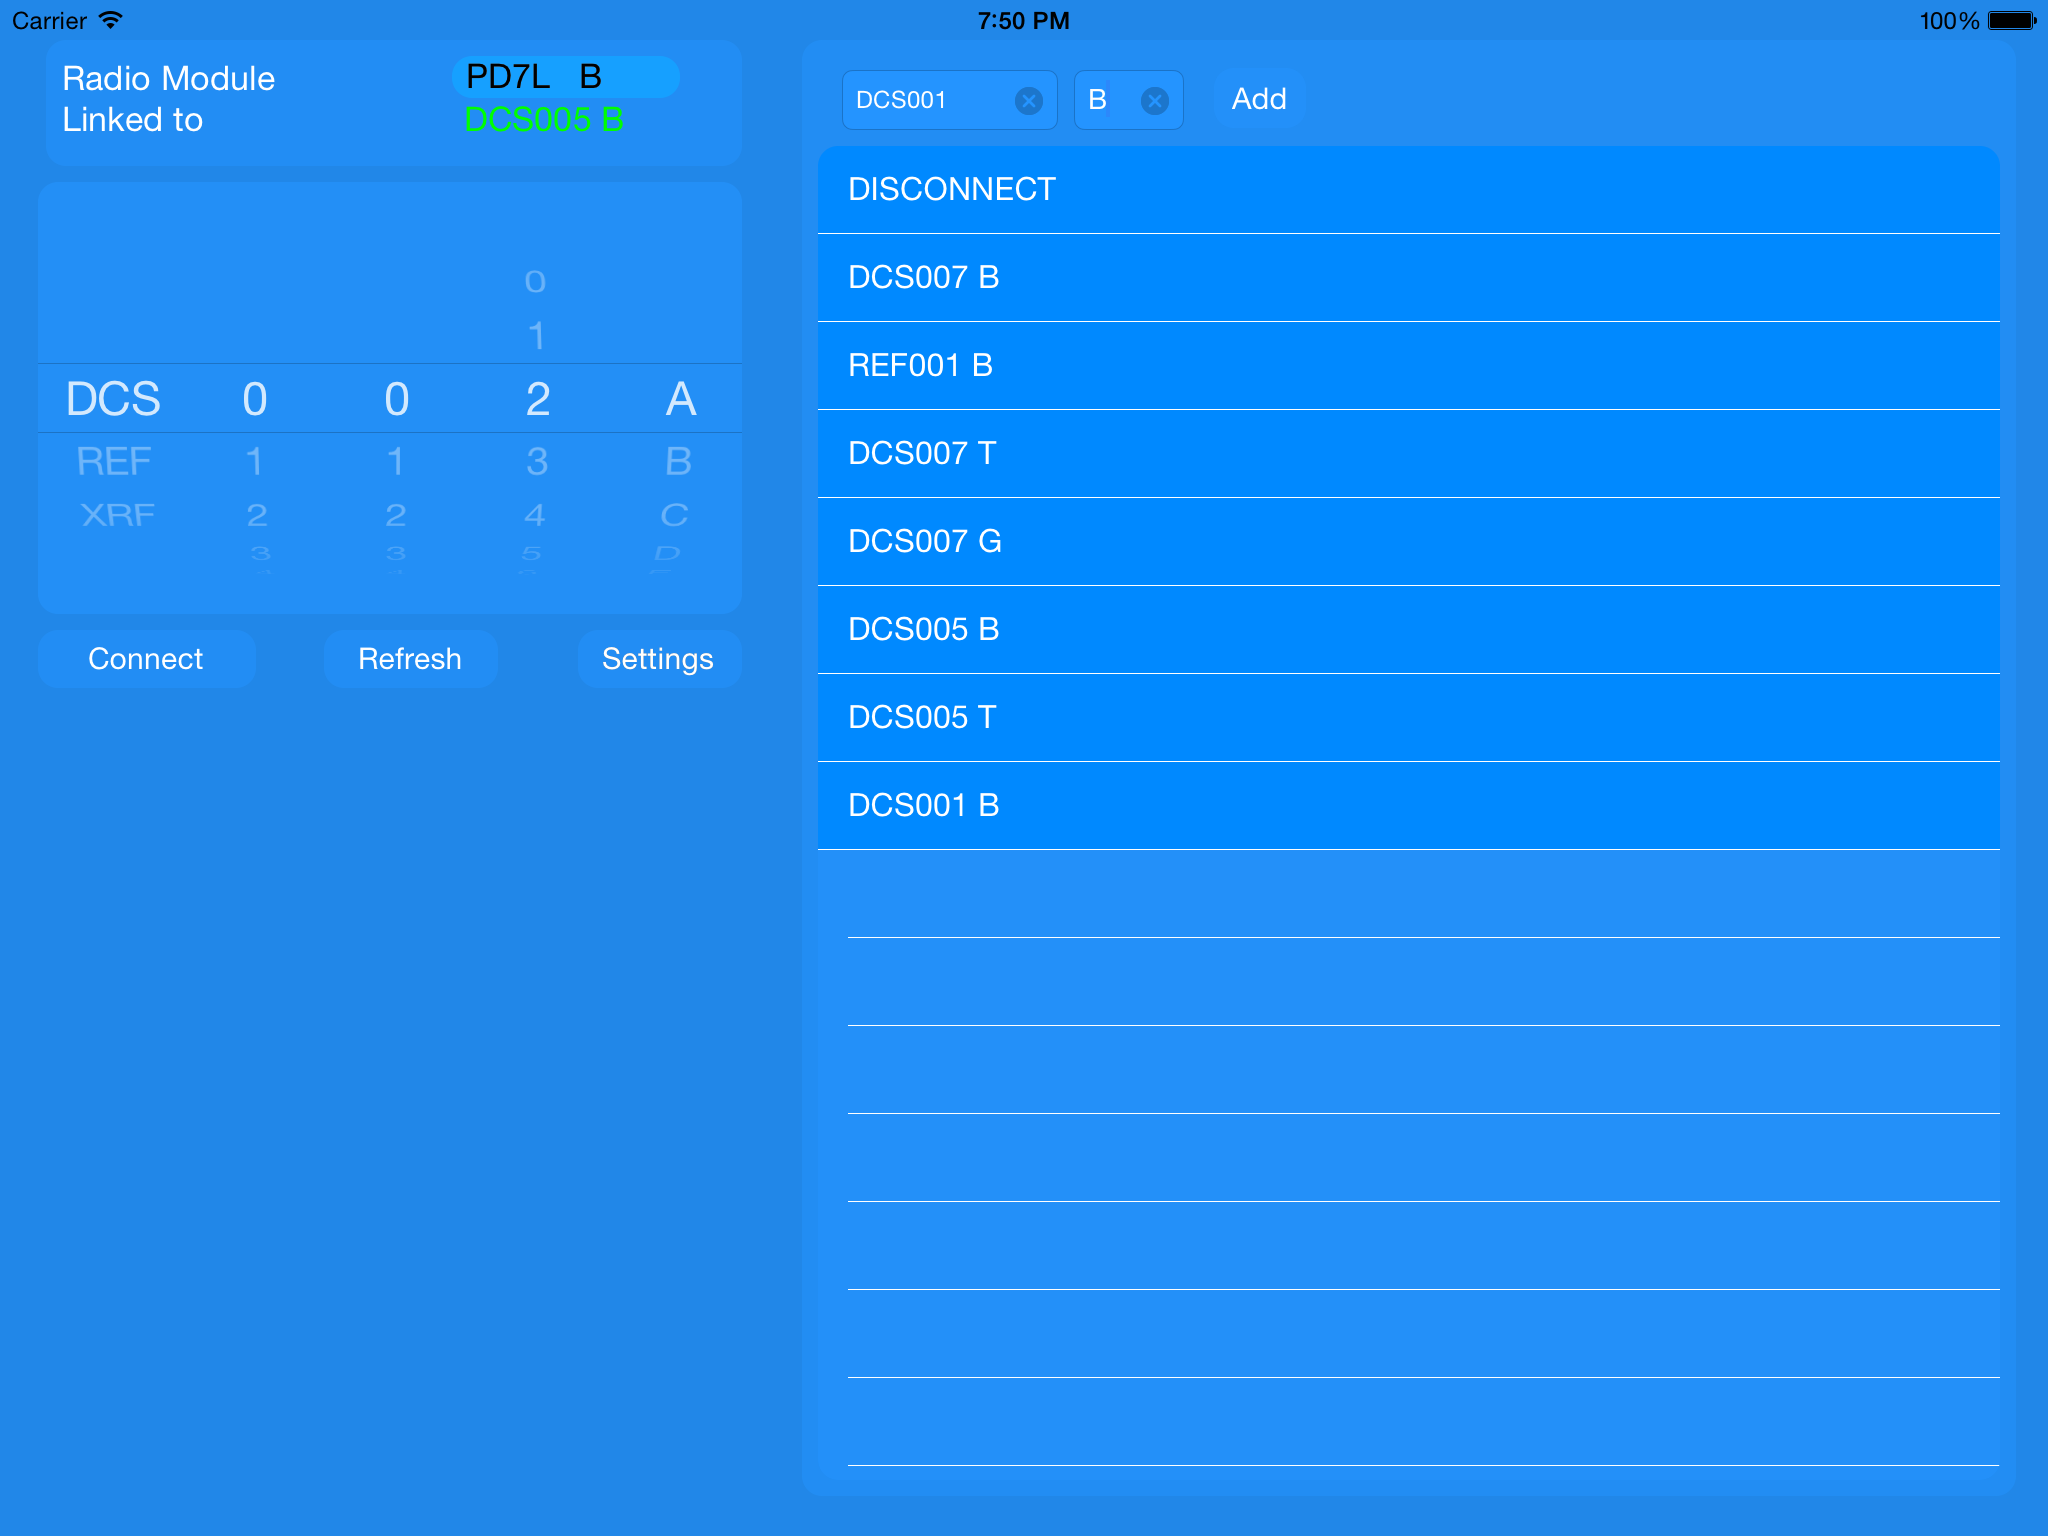 iOS Simulator Screen Shot 29 Oct 2014 19.50.24